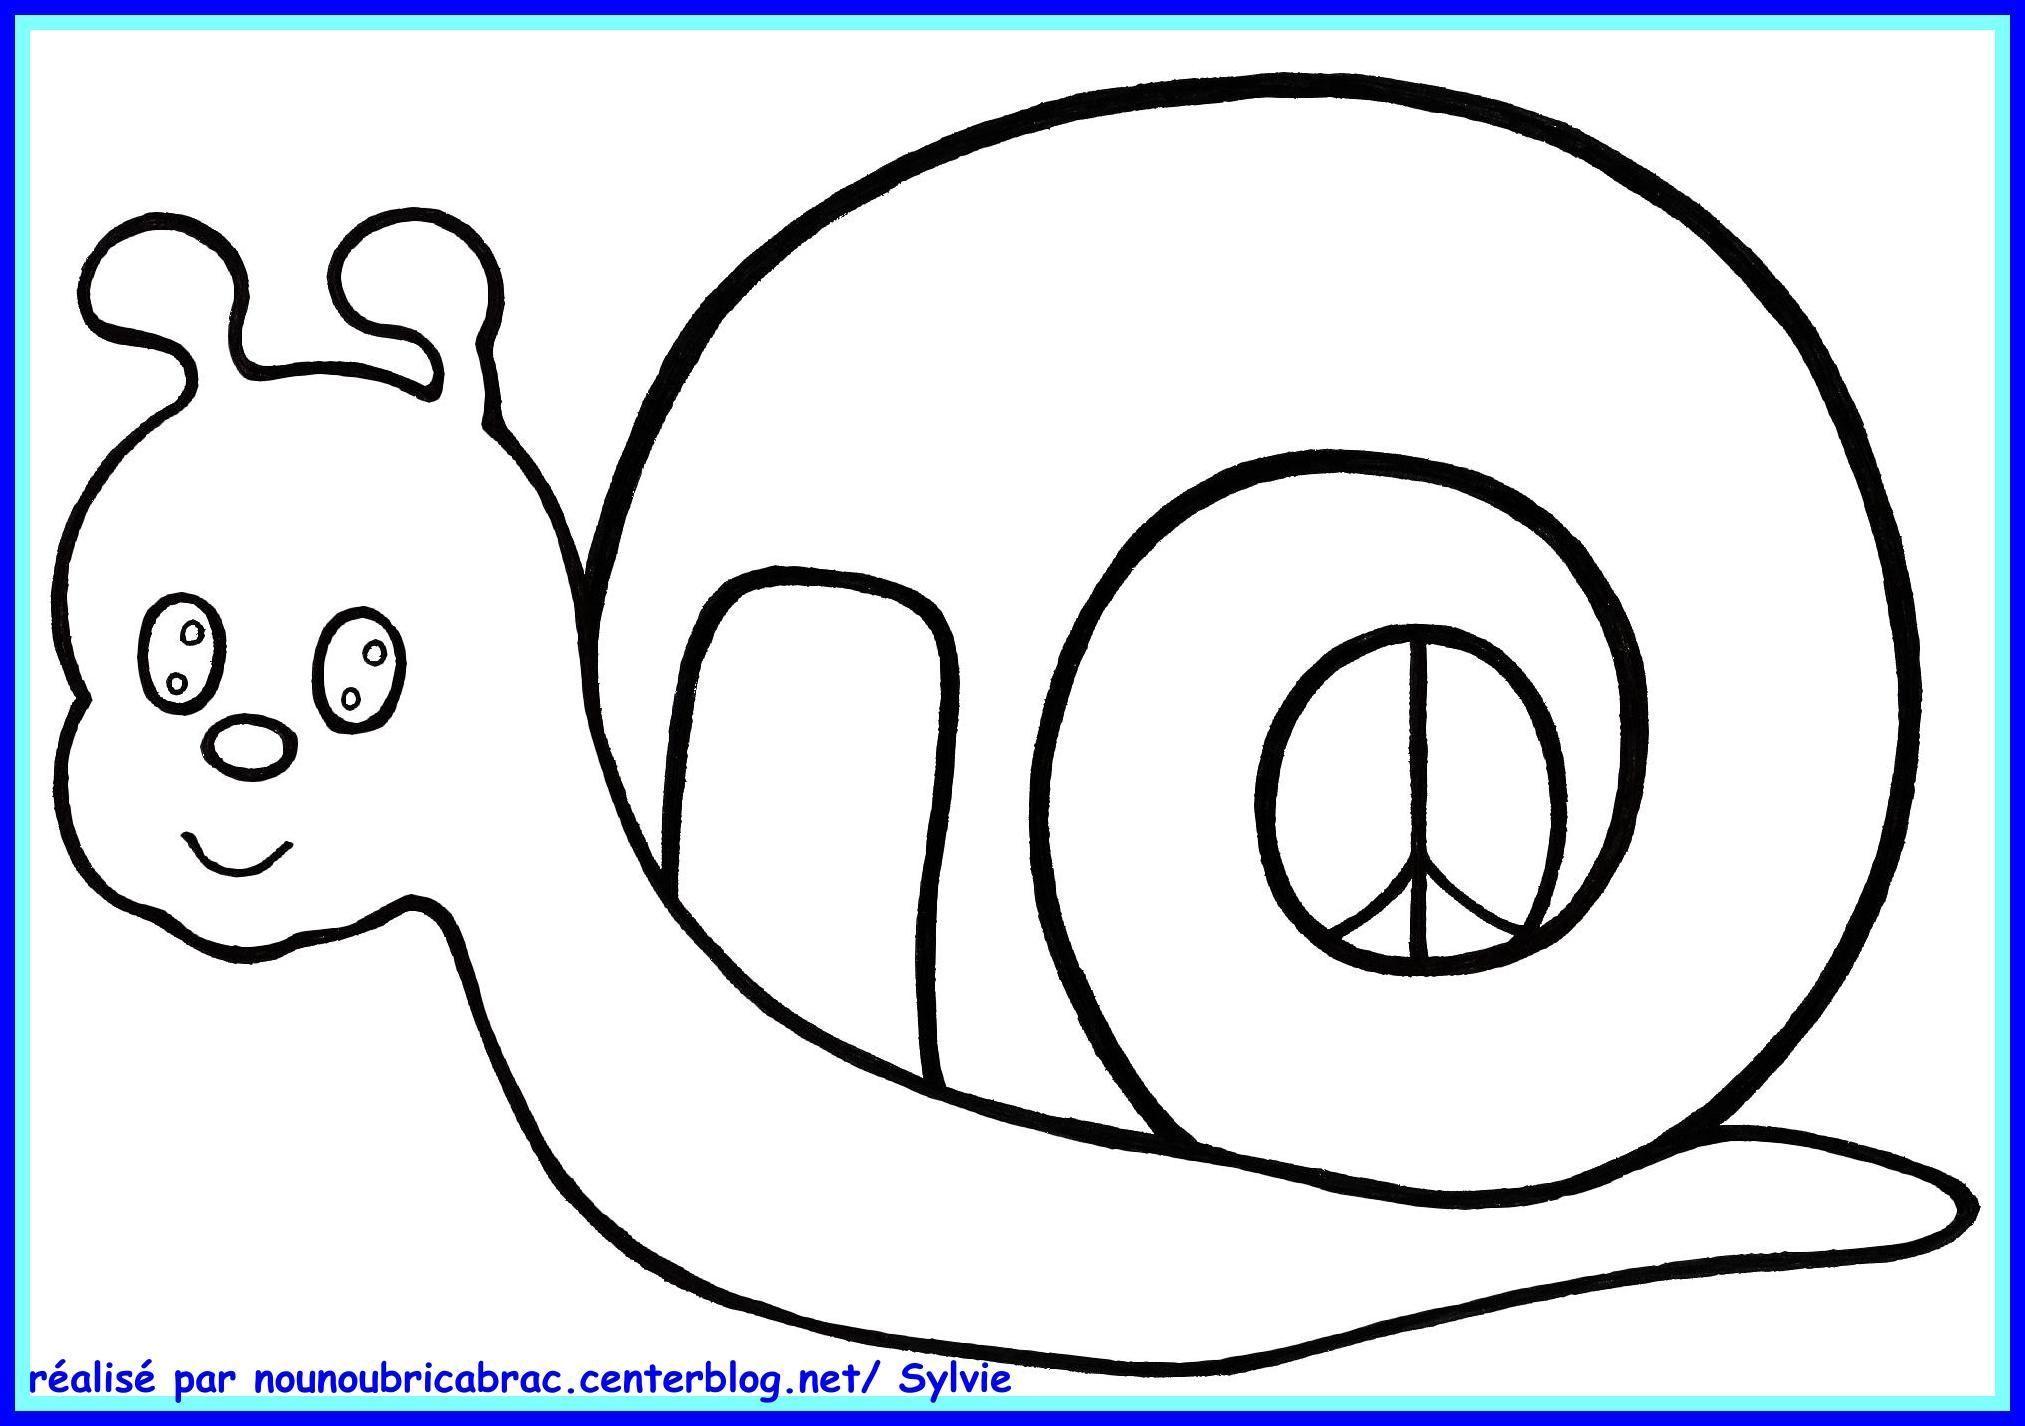 Petit escargot porte sur son dos - Parole petit escargot porte sur son dos ...